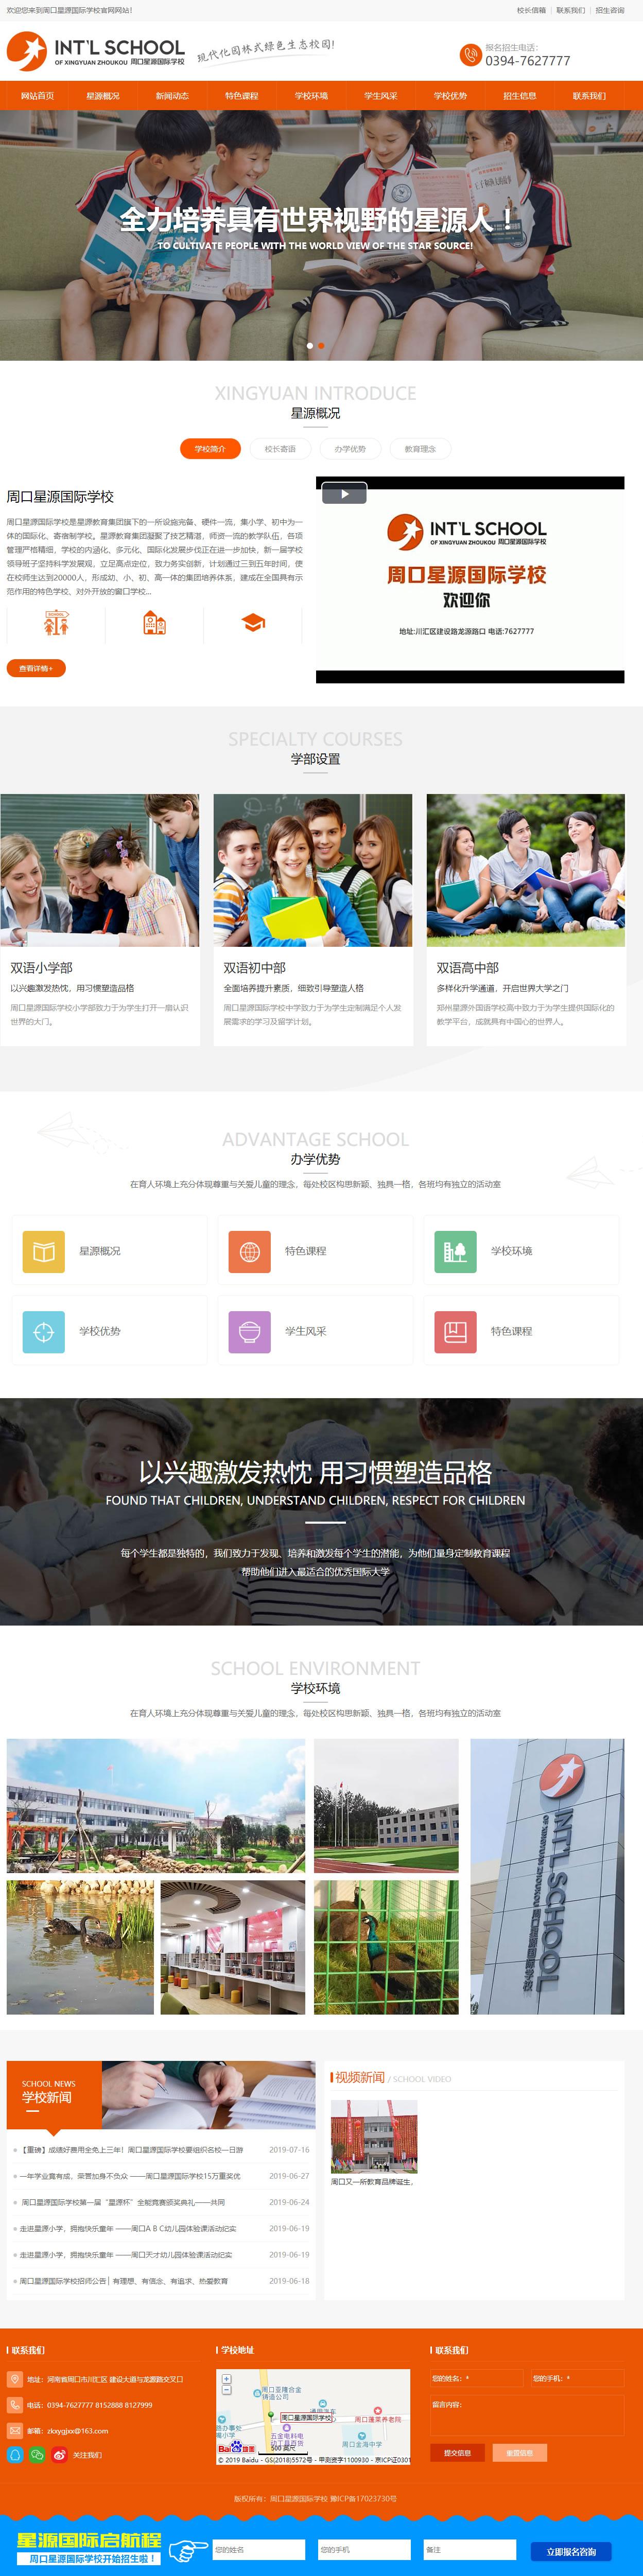 周口星源国际学校网页效果图截图